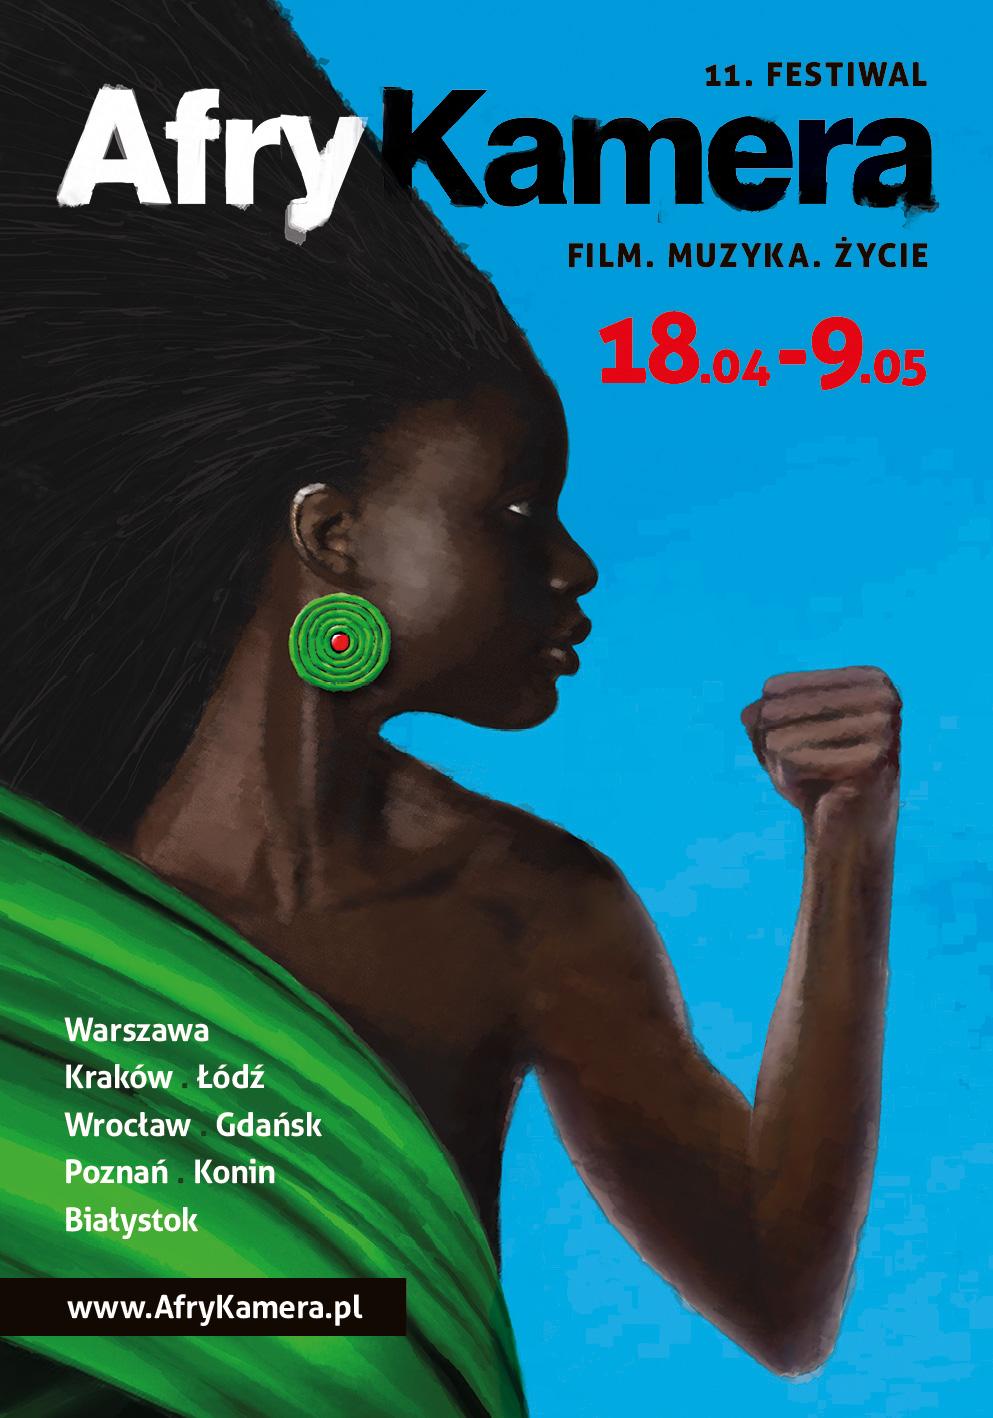 11. Festiwal AfryKamera – plakat (źródło: materiały prasowe organizatora)